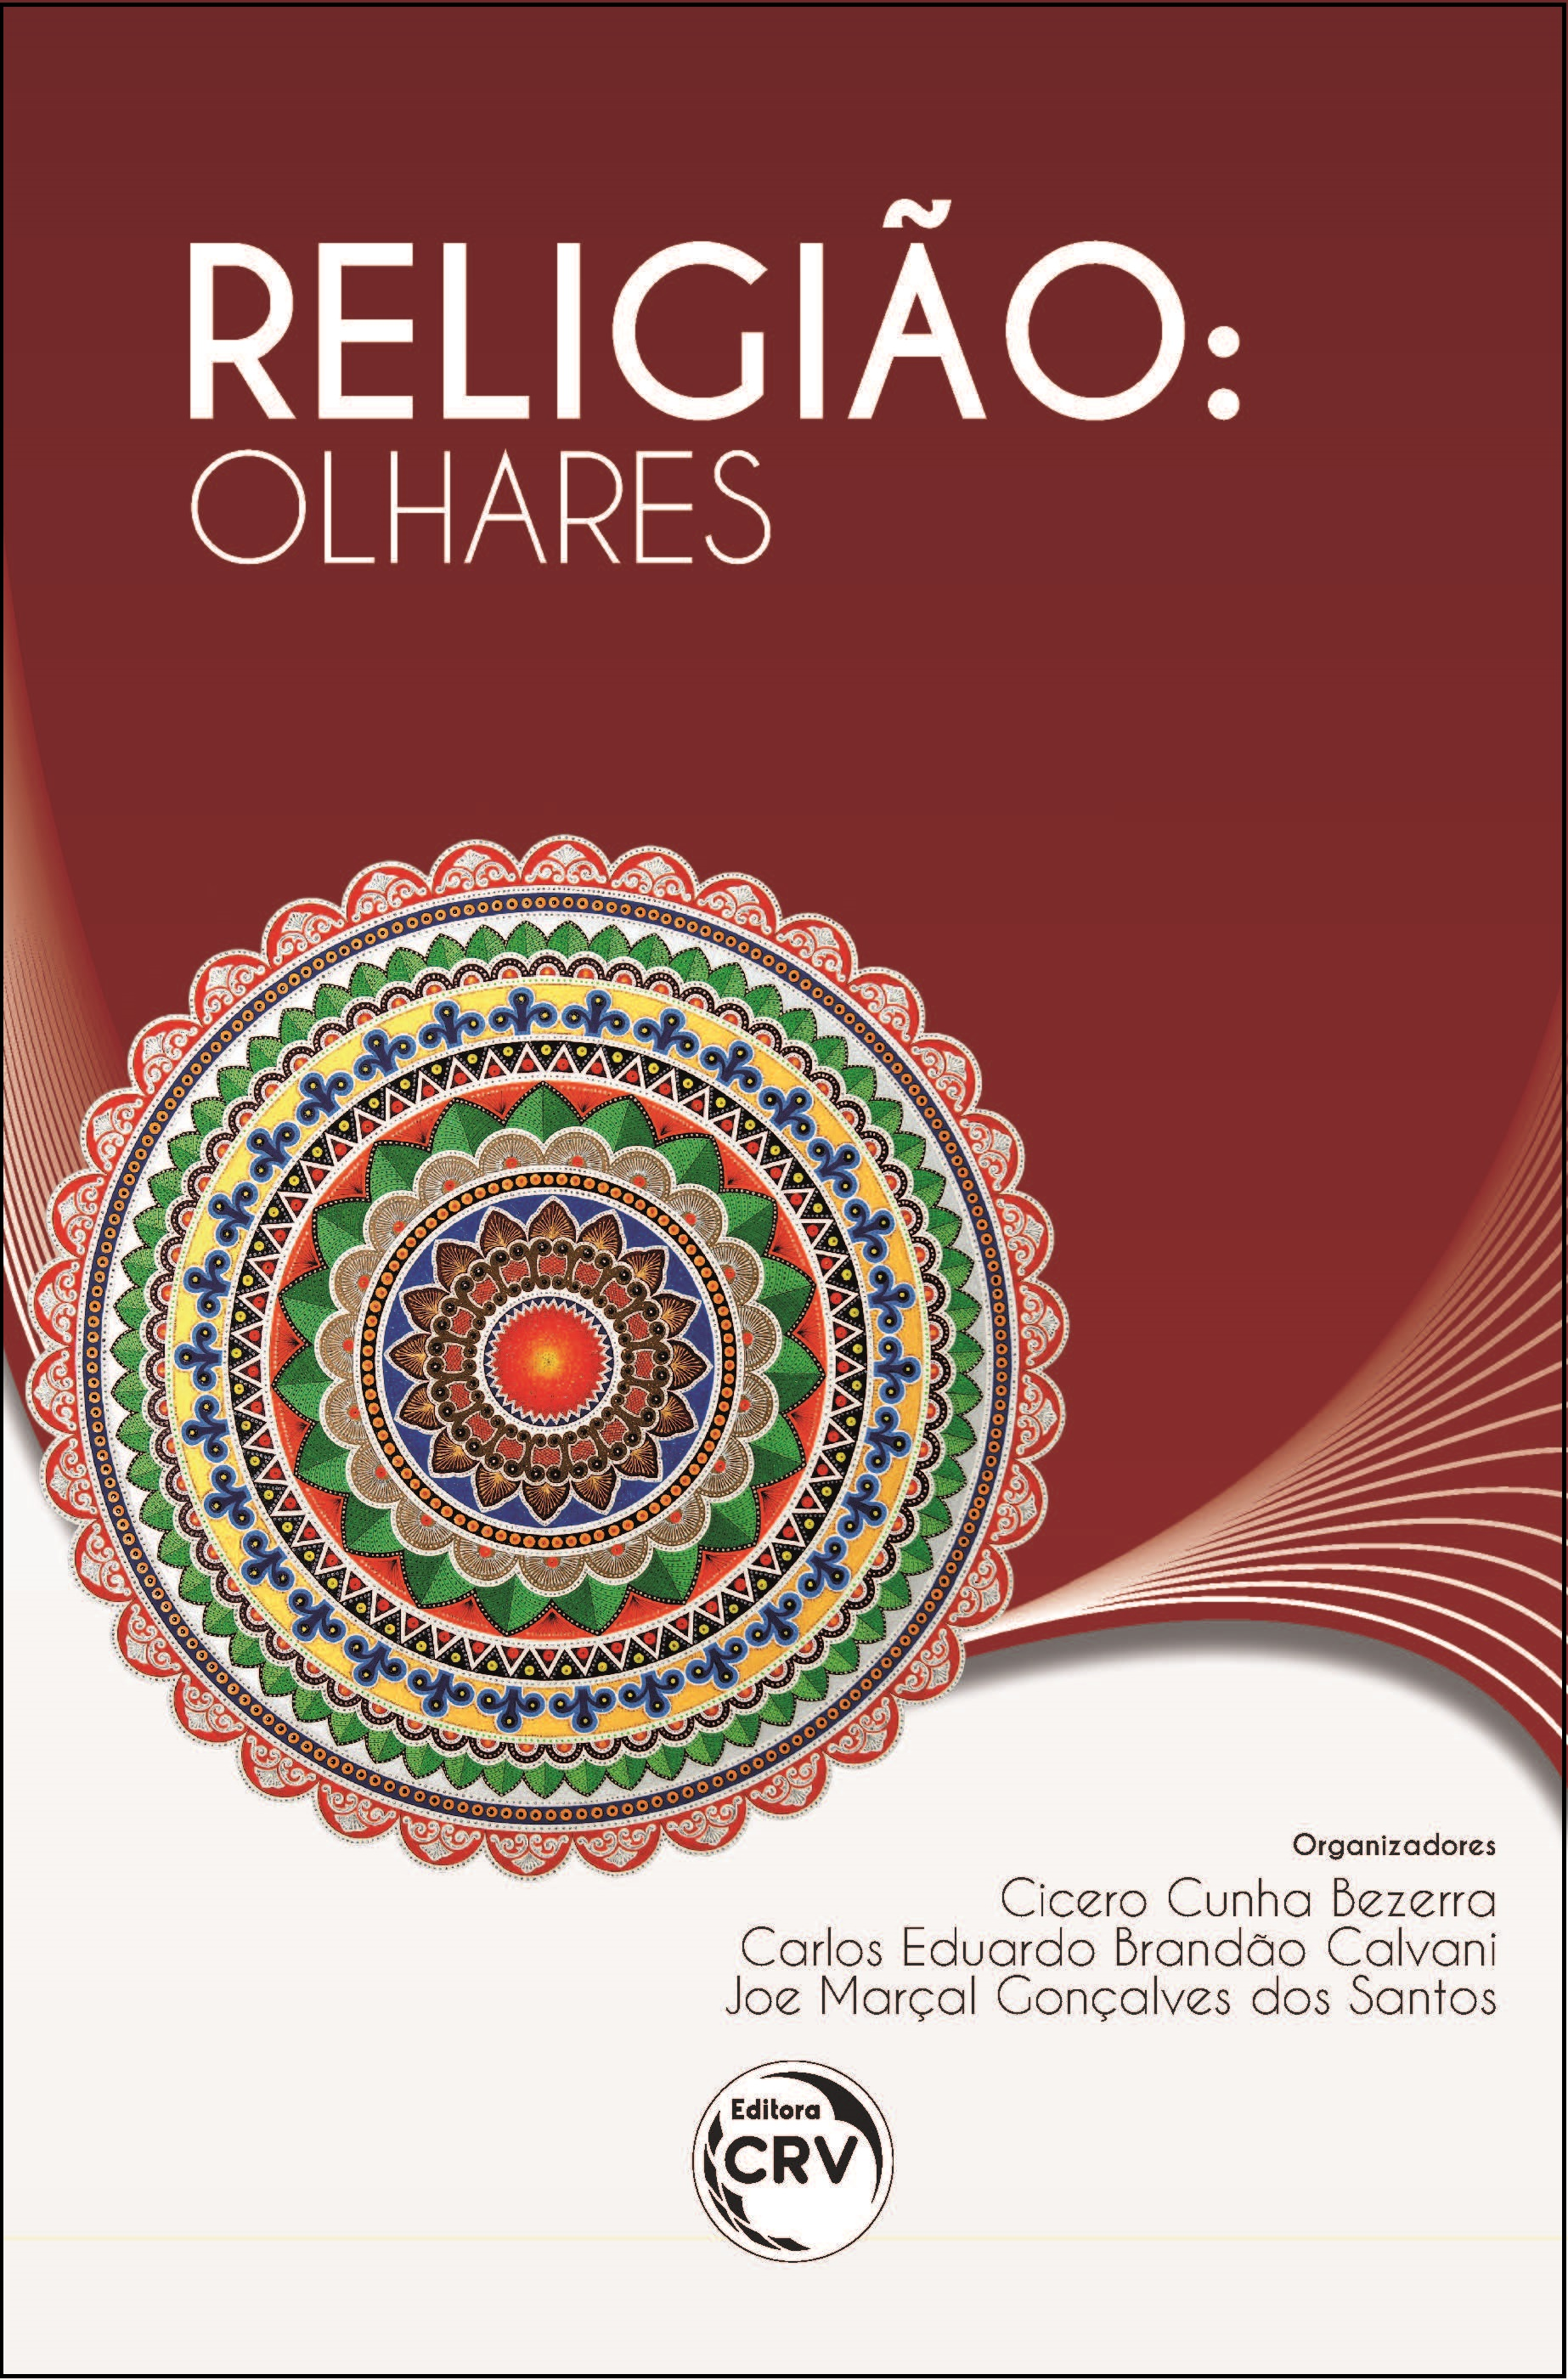 Capa do livro: RELIGIÃO:<br>olhares